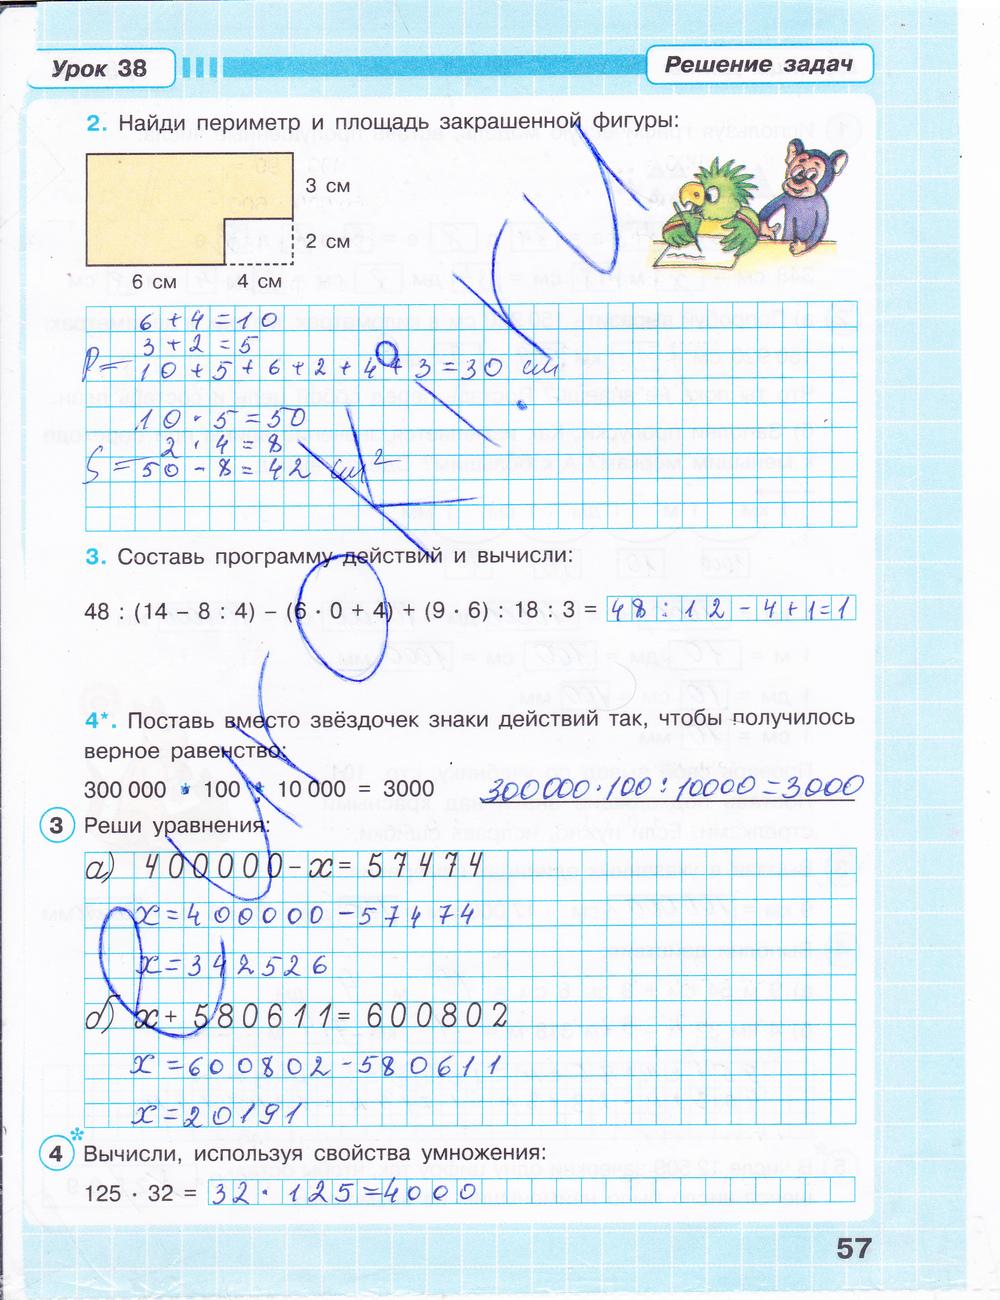 Гдз по математике за 1 класс рабочая тетрадь петерсон л. Г. Часть 1.